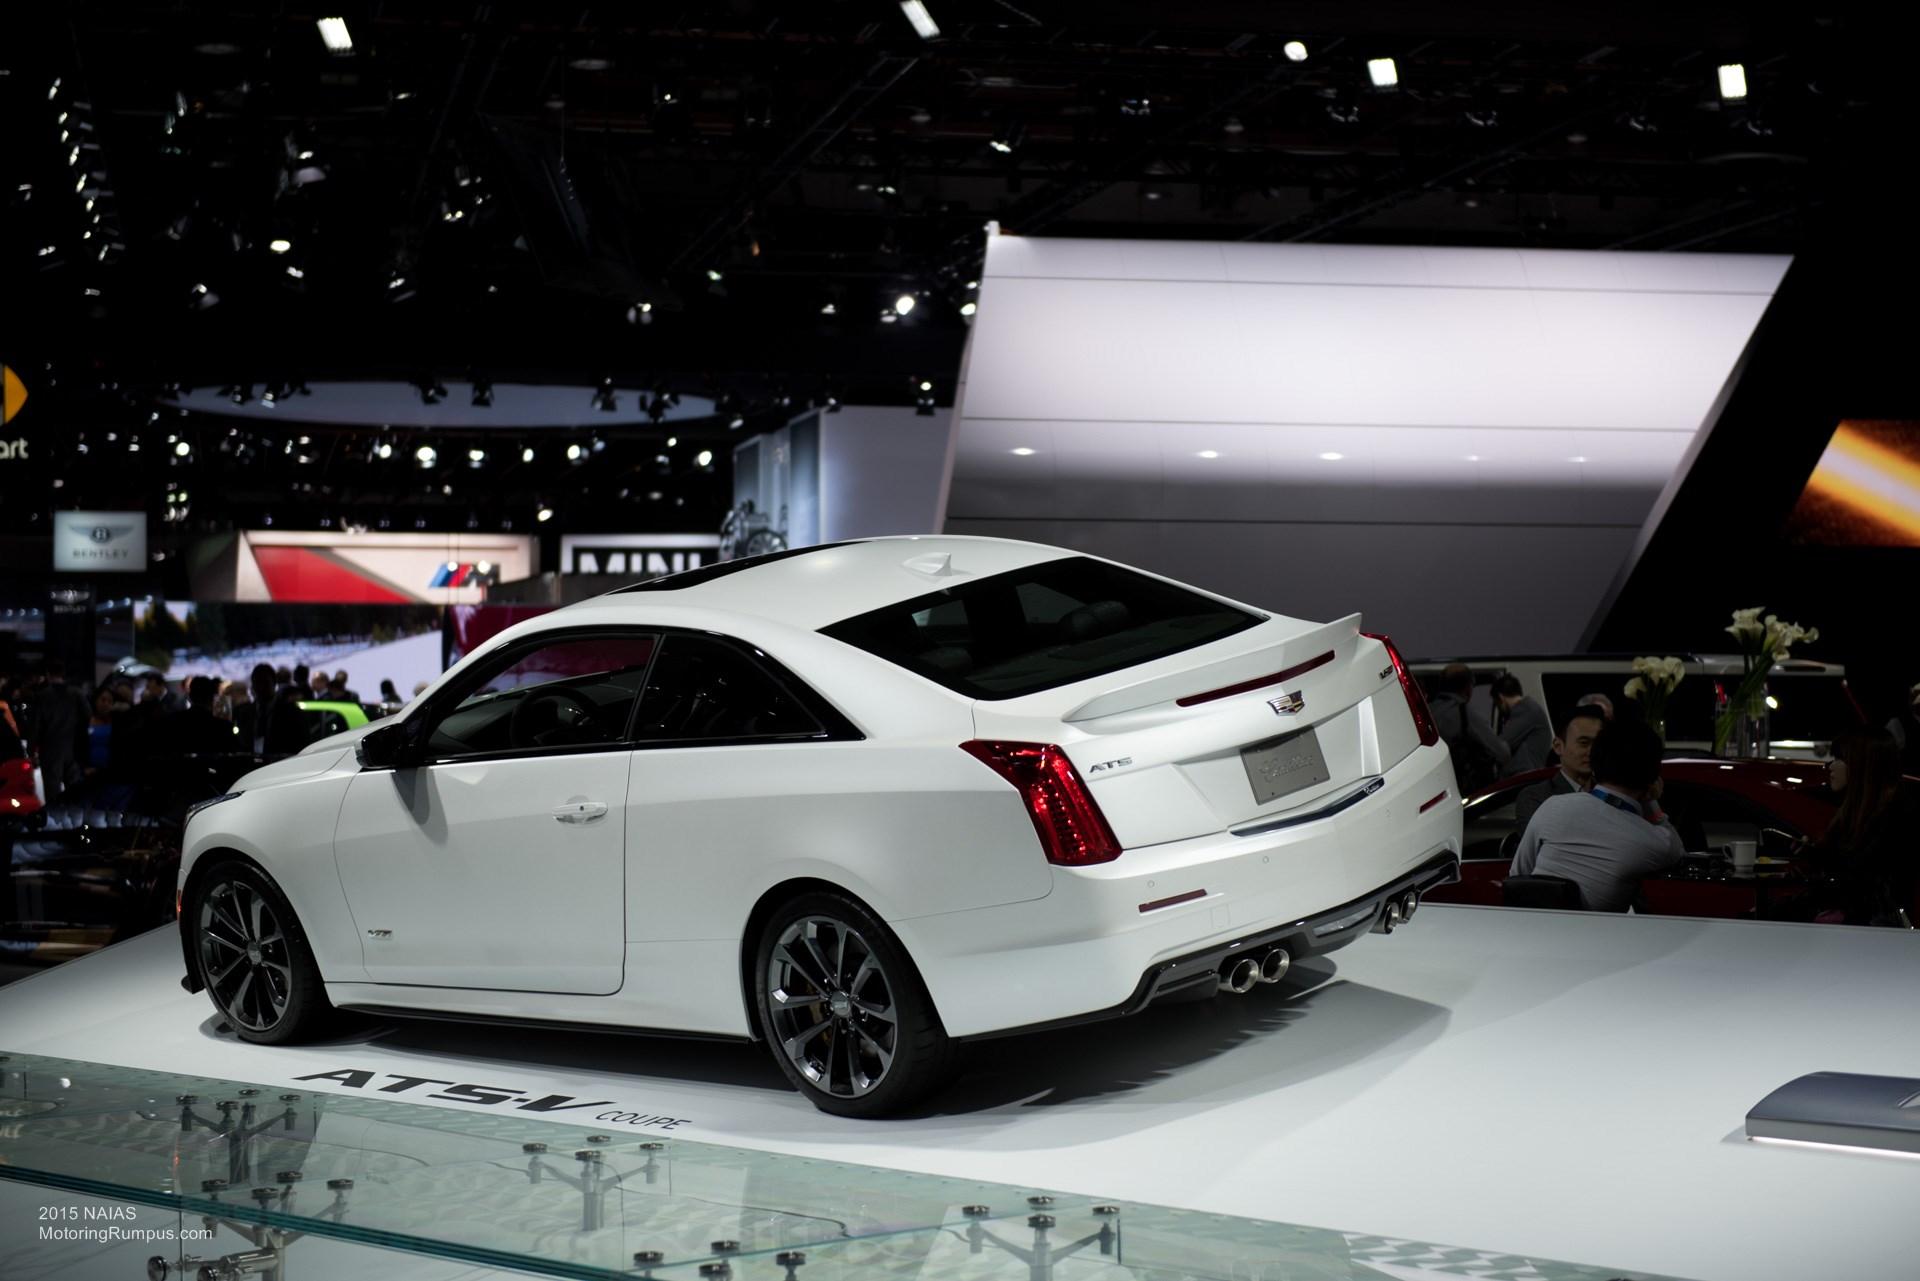 2015 NAIAS Cadillac ATS-V Coupe